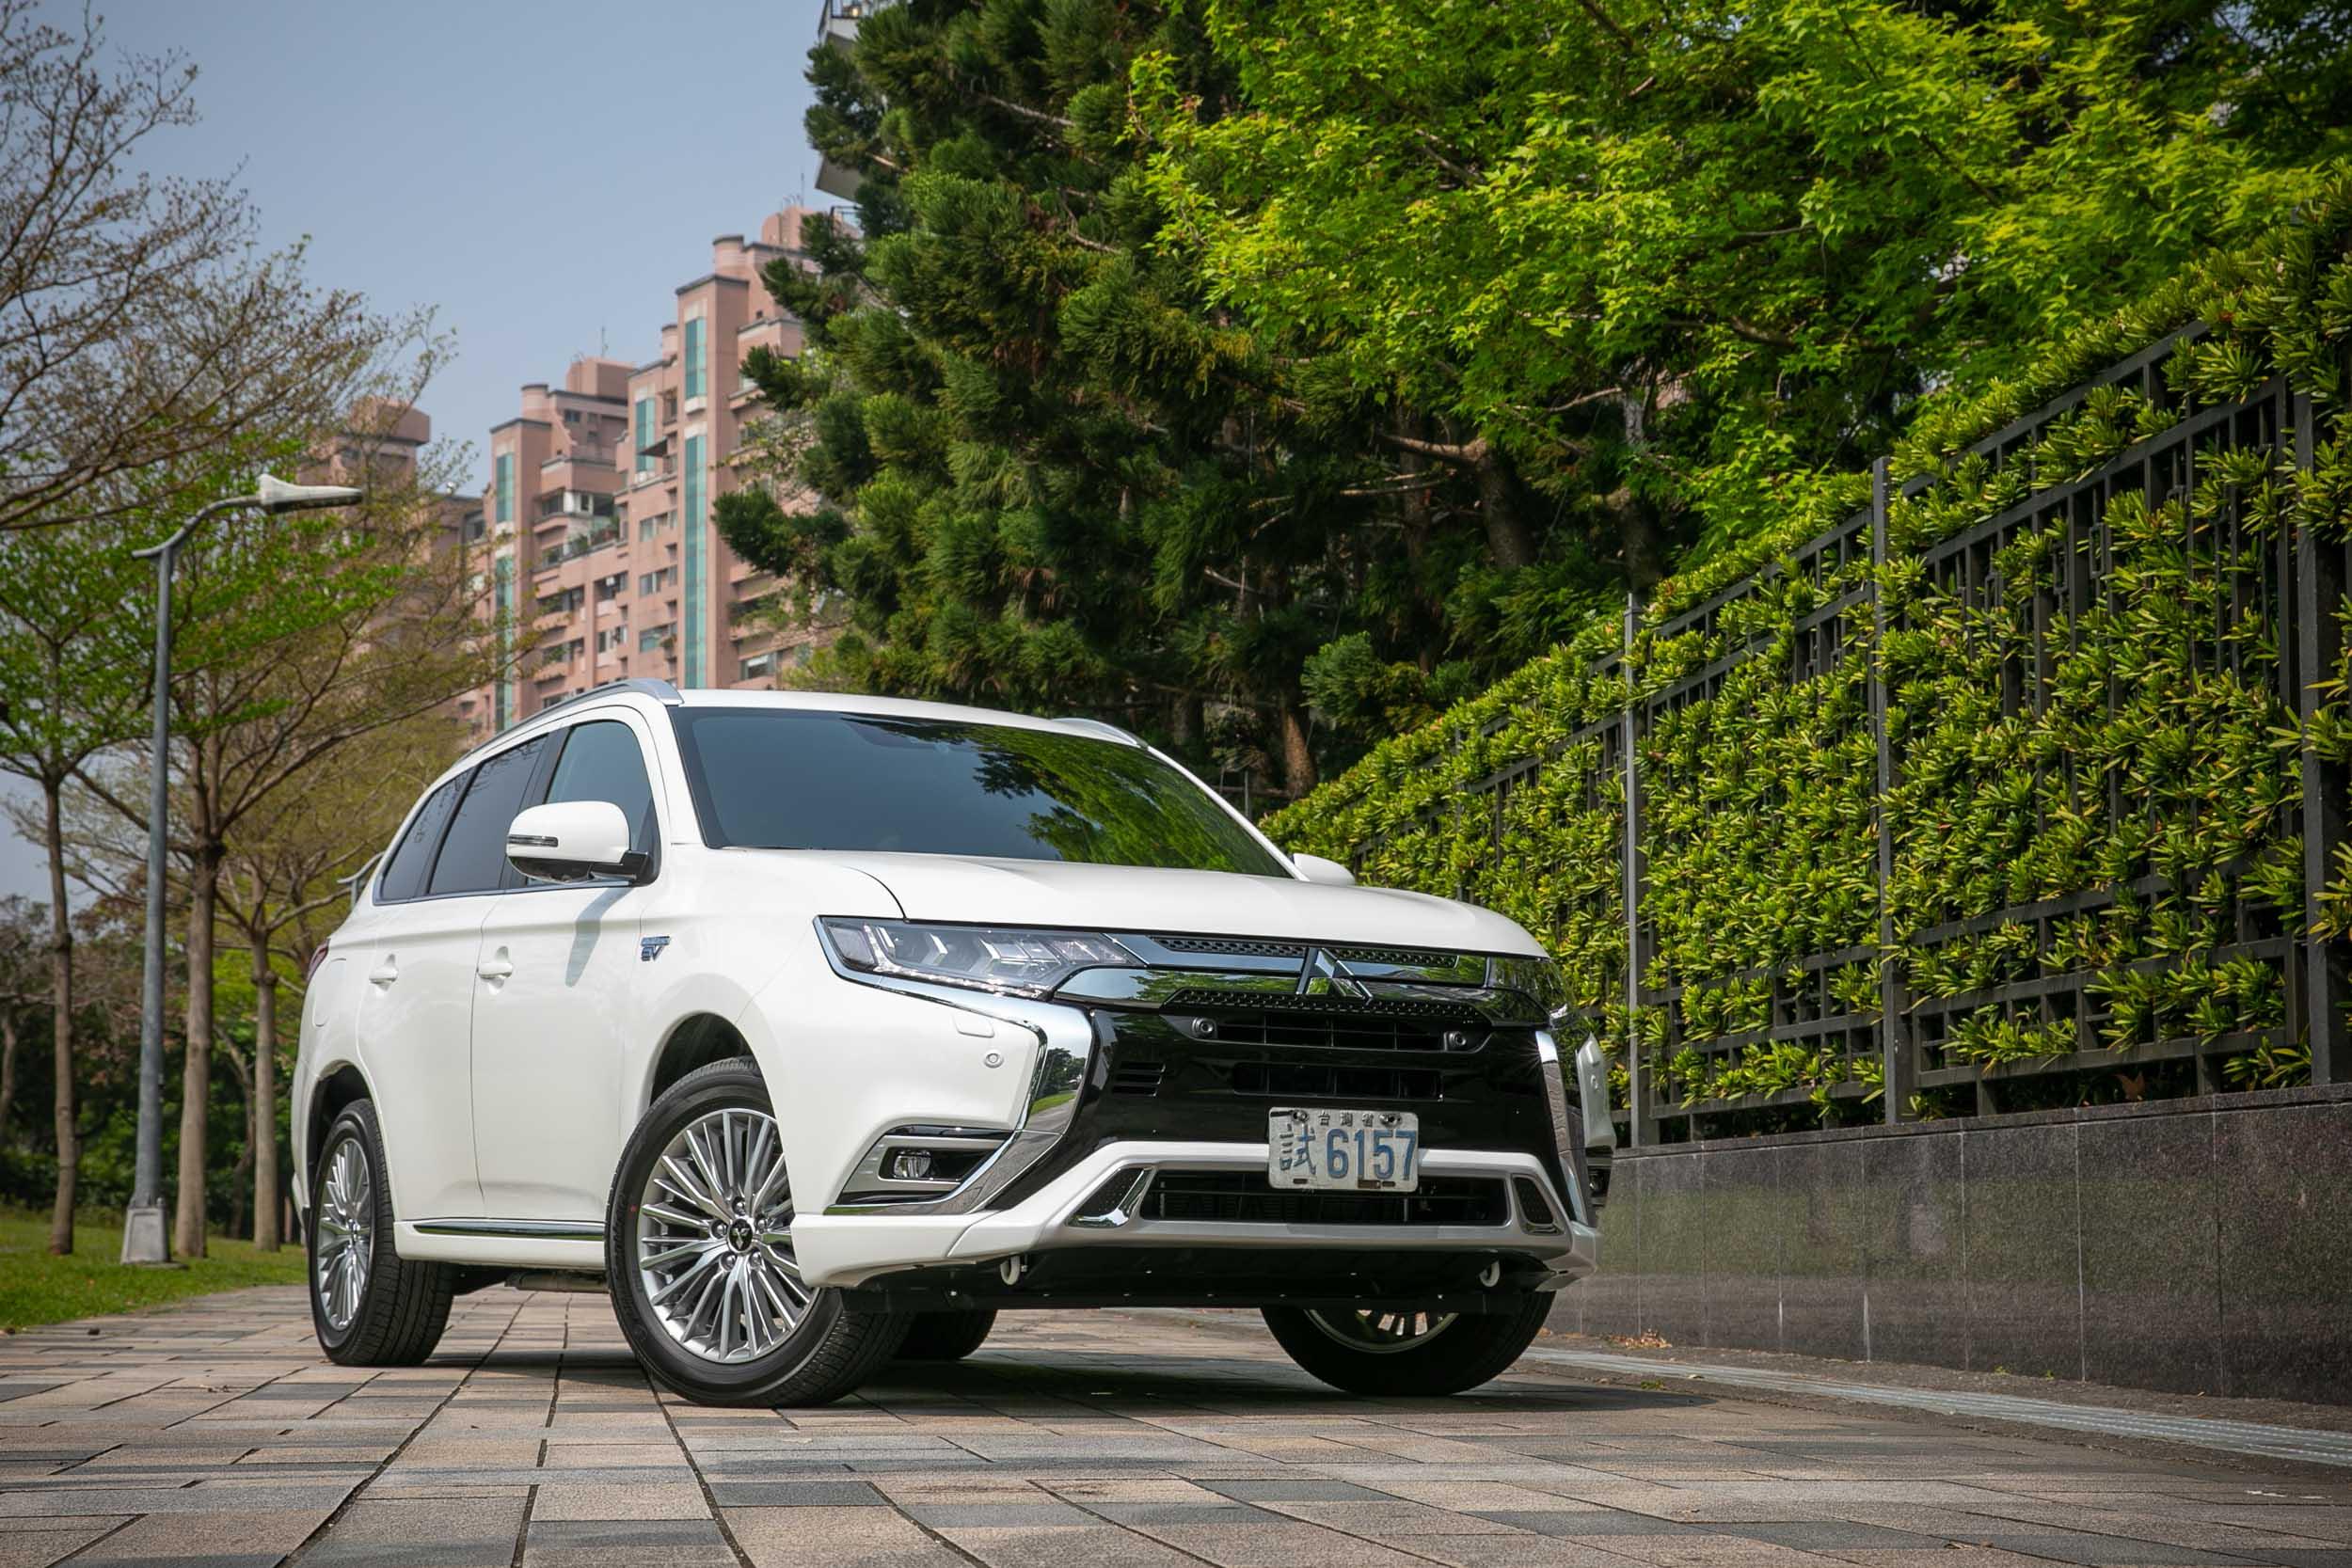 Mitsubishi Outlander PHEV 其實於 2013 年 1 月至 2020 年 9 月期間,都是全球最暢銷的 PHEV 休旅車款。